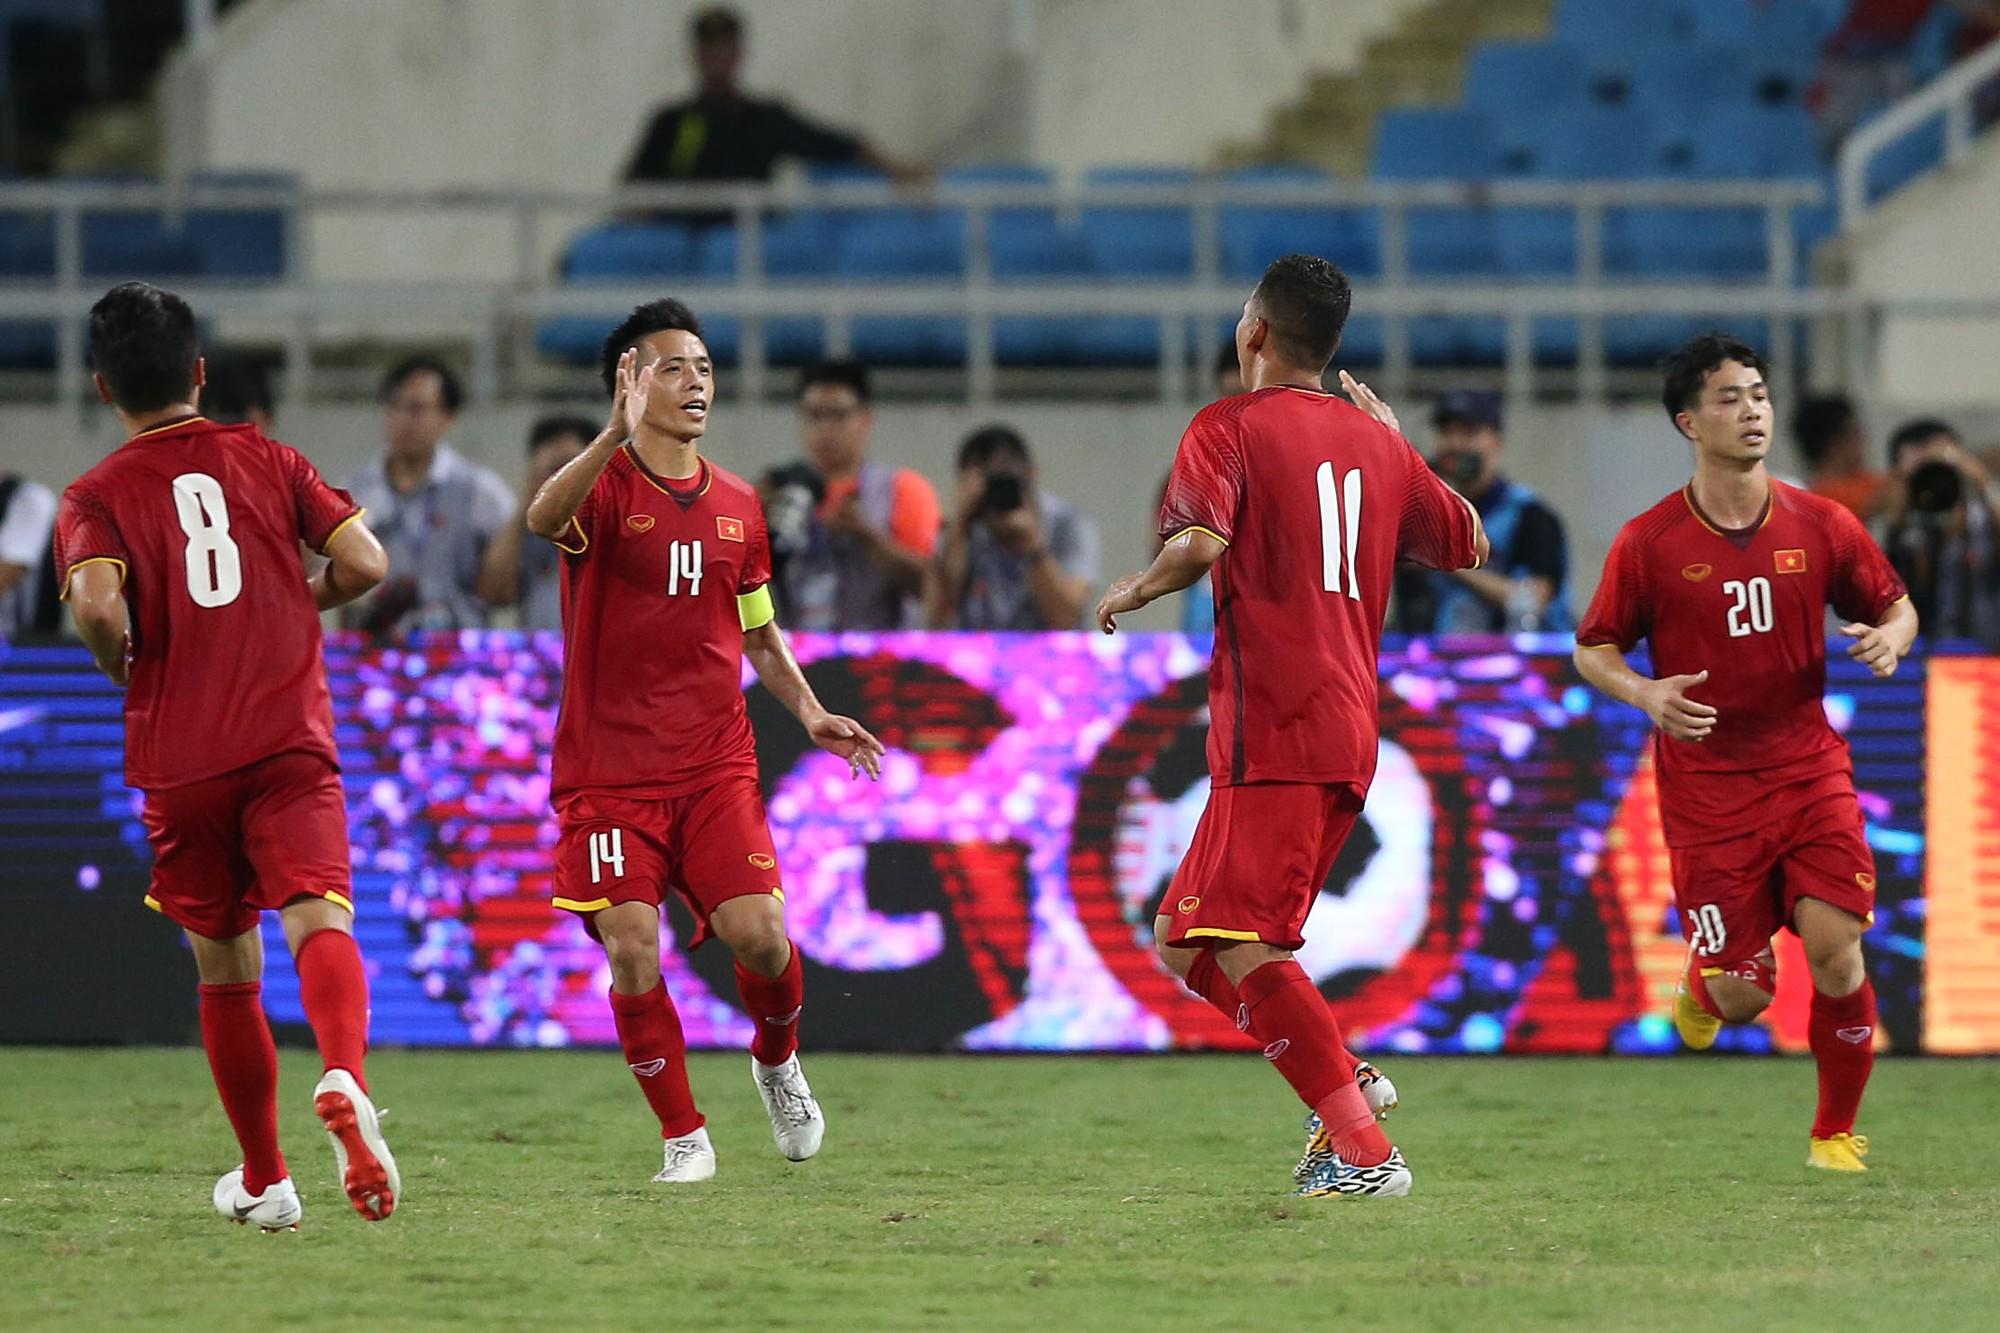 HLV Park Hang Seo tiết lộ lý do Công Phượng không mặc áo số 10